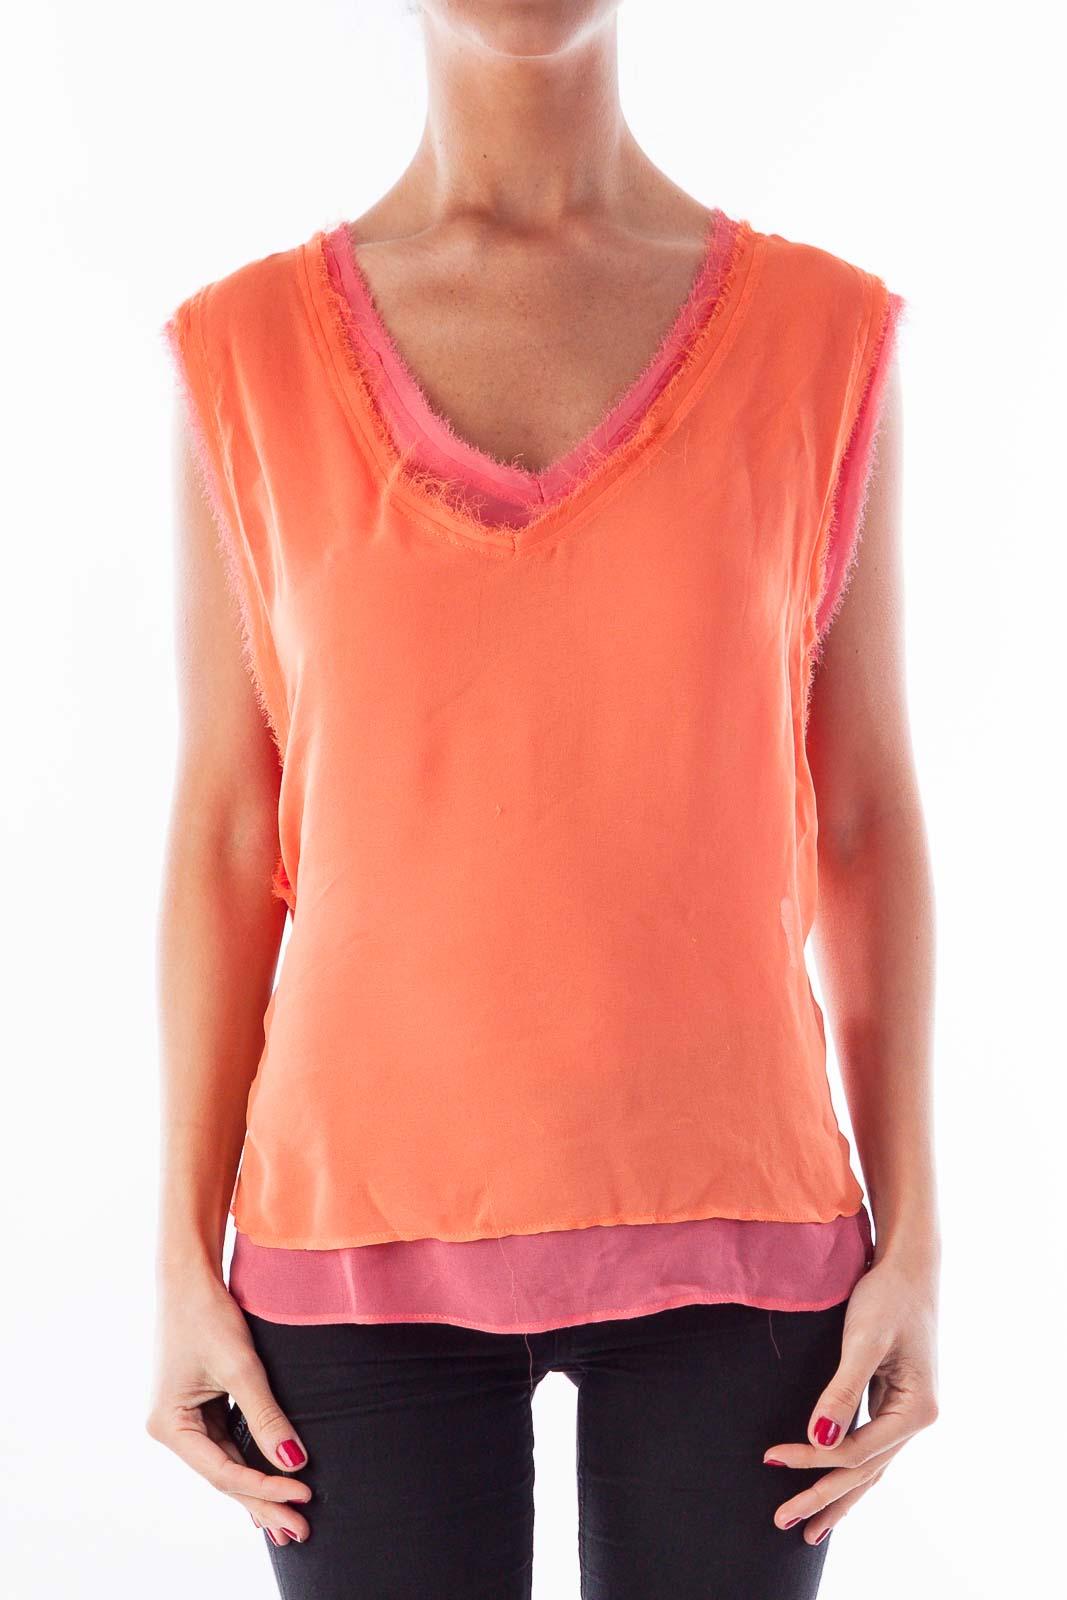 Orange & Pink Layer Tank